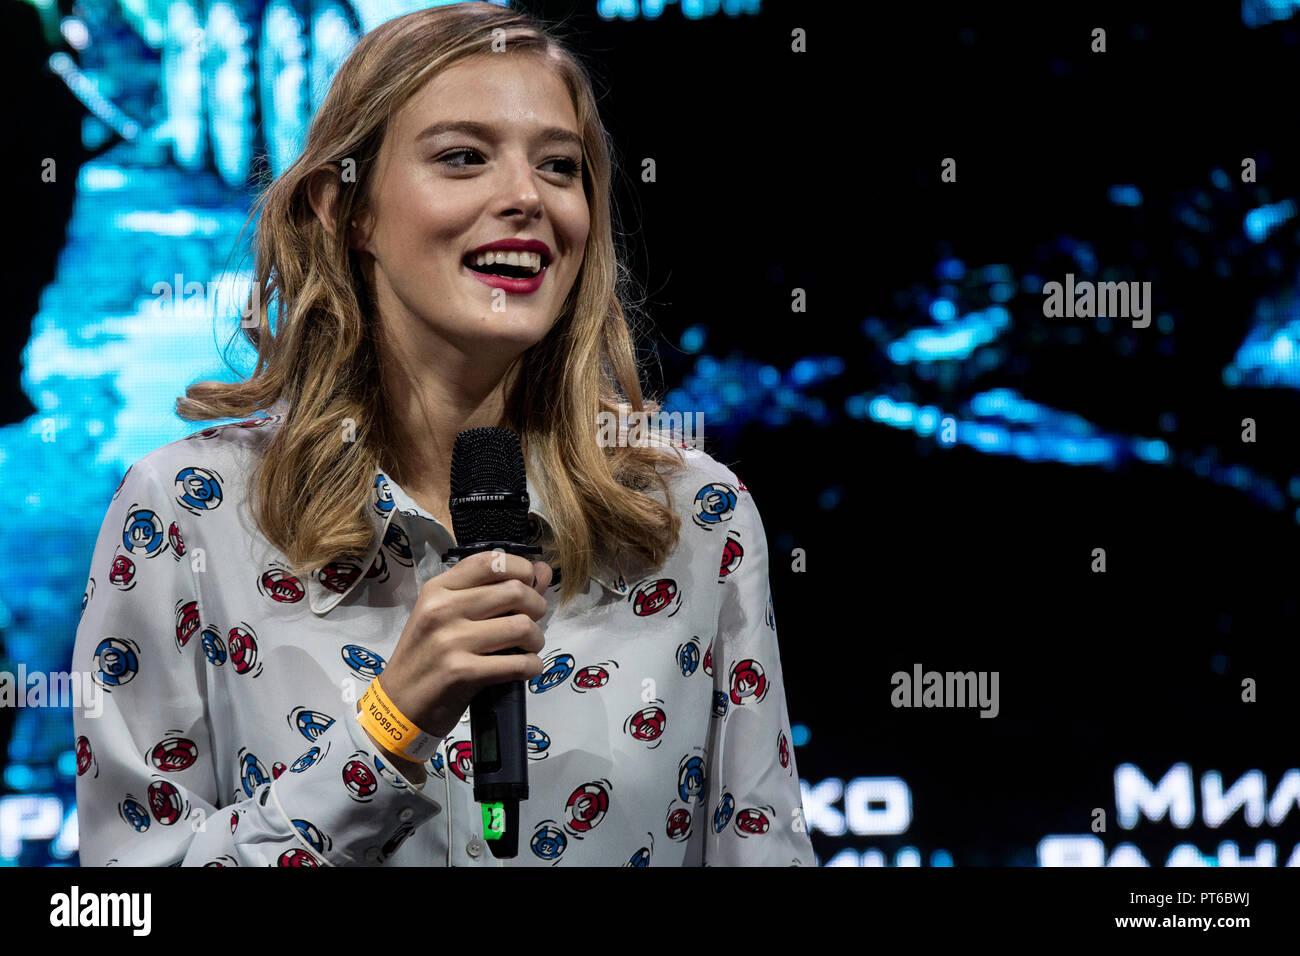 """Schauspielerin Milena Müller, bei der Vorstellung des Films """"The Balkan Line' auf der Comic Con Messe in Crocus Expo in Moskau, Russland Stockbild"""